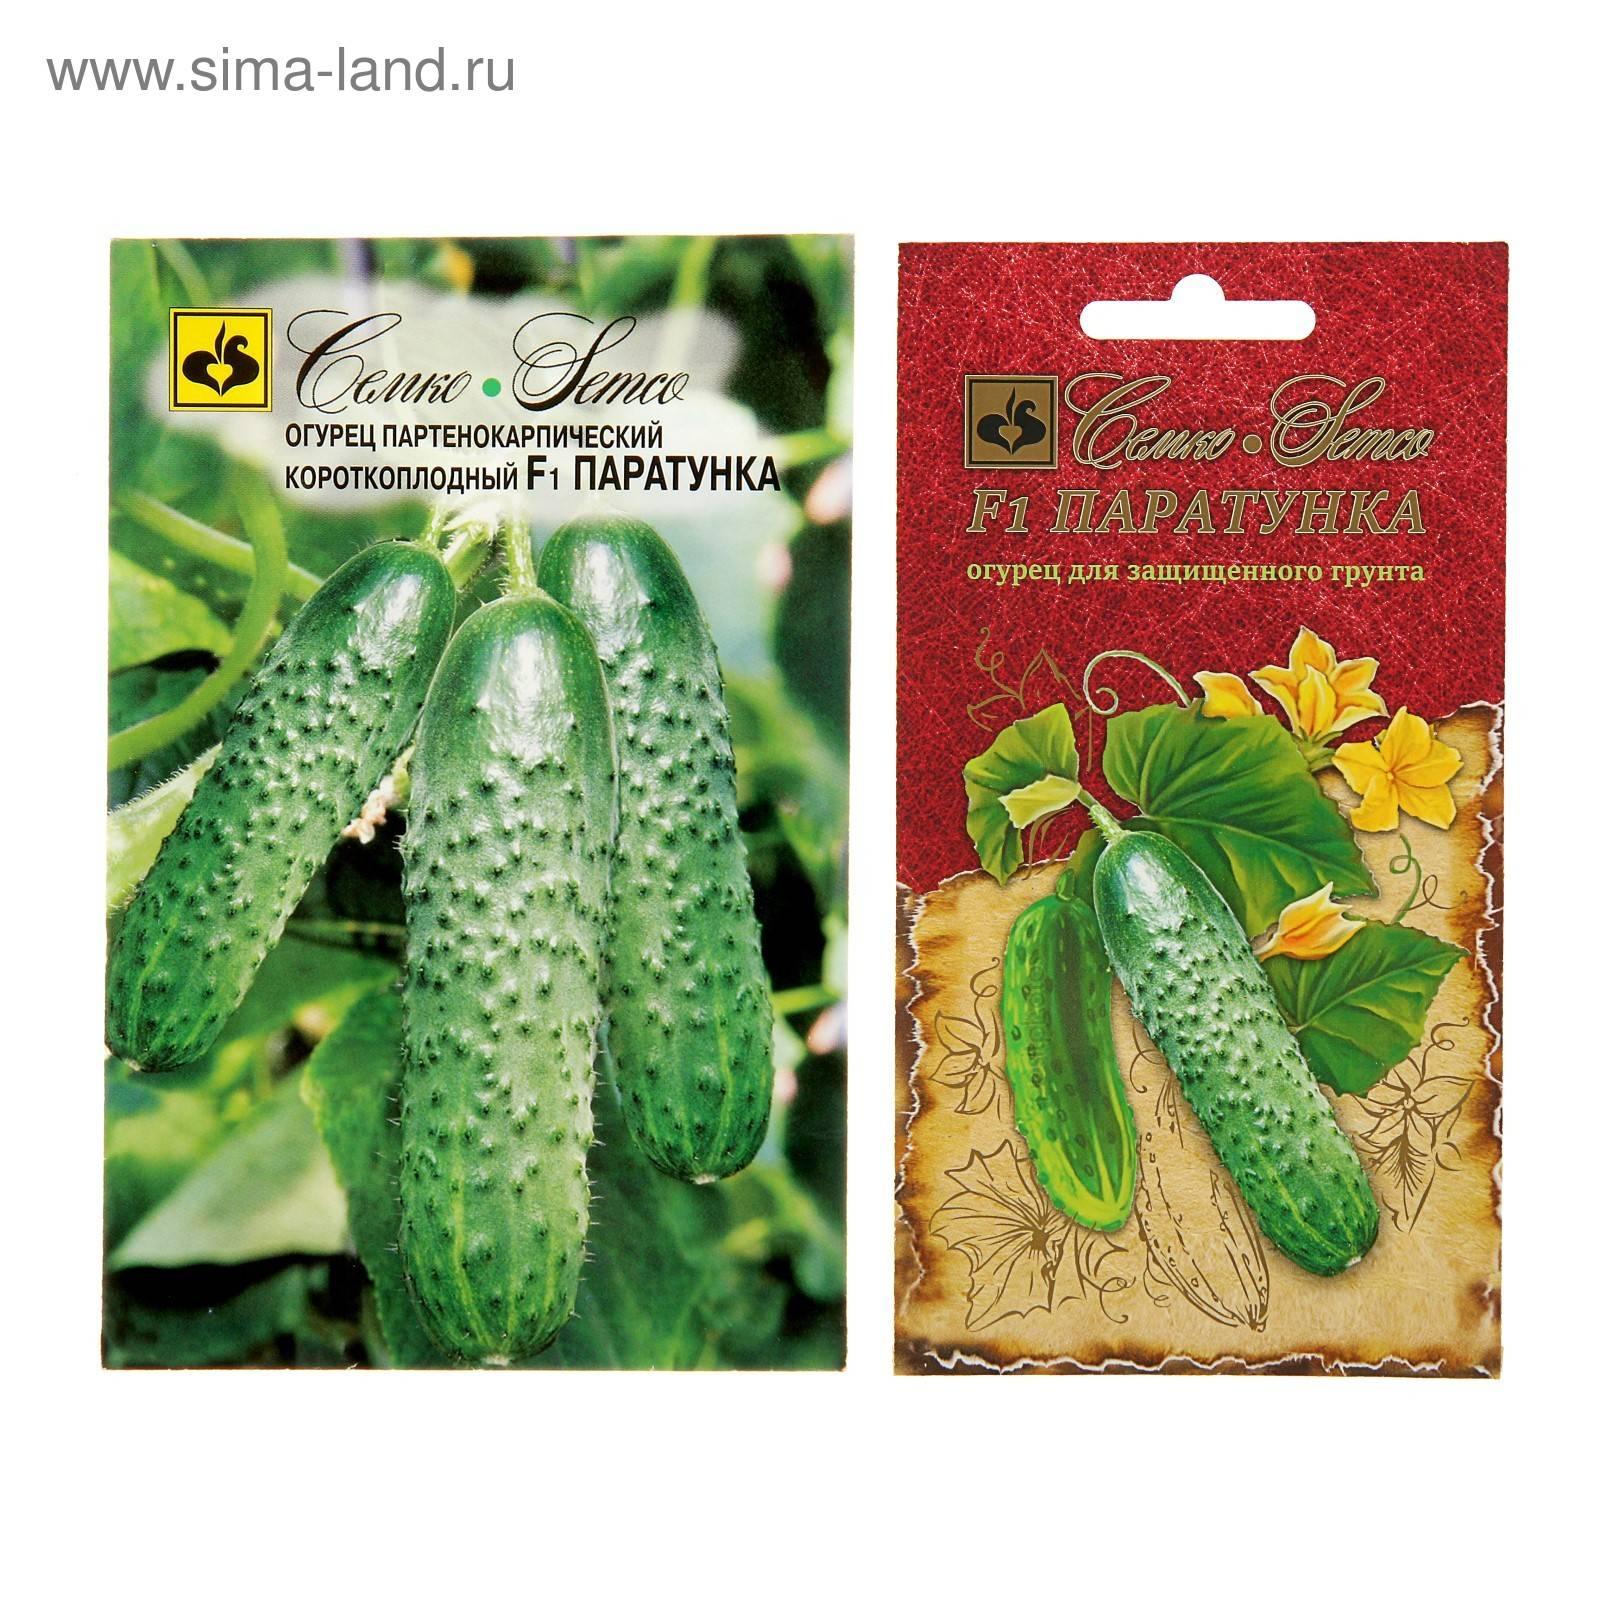 Описание сорта огурцов паратунка f1, особенности выращивания и урожайность